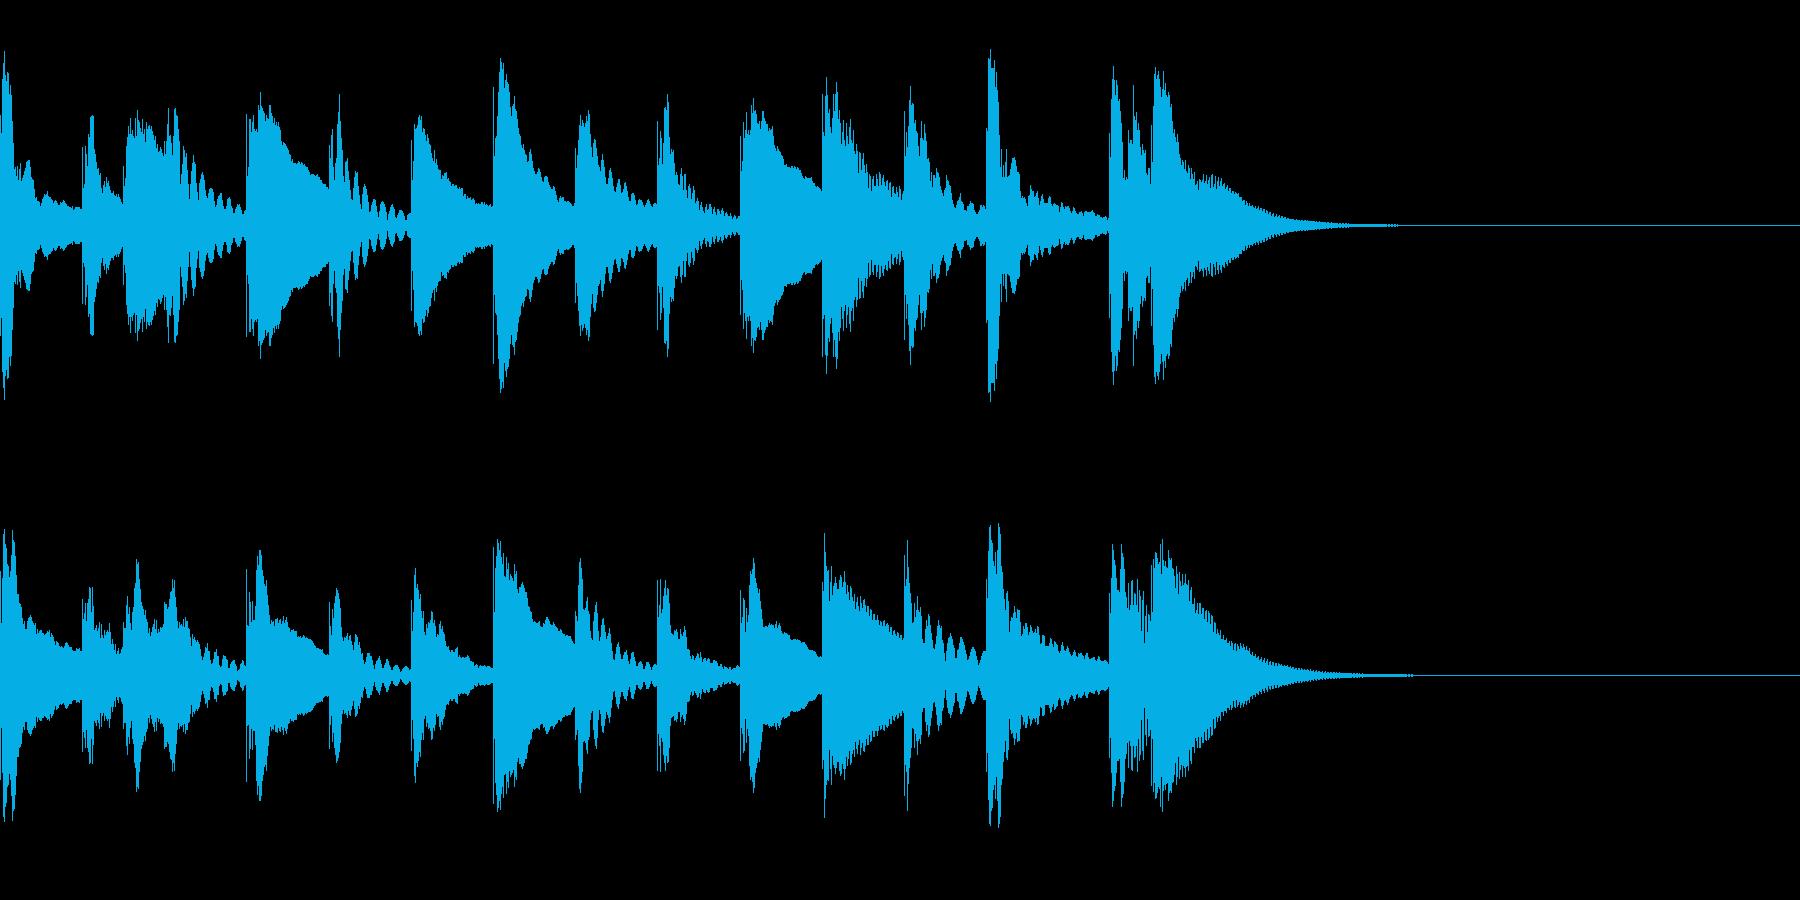 木琴の「おやっ?」となる5秒ジングルの再生済みの波形